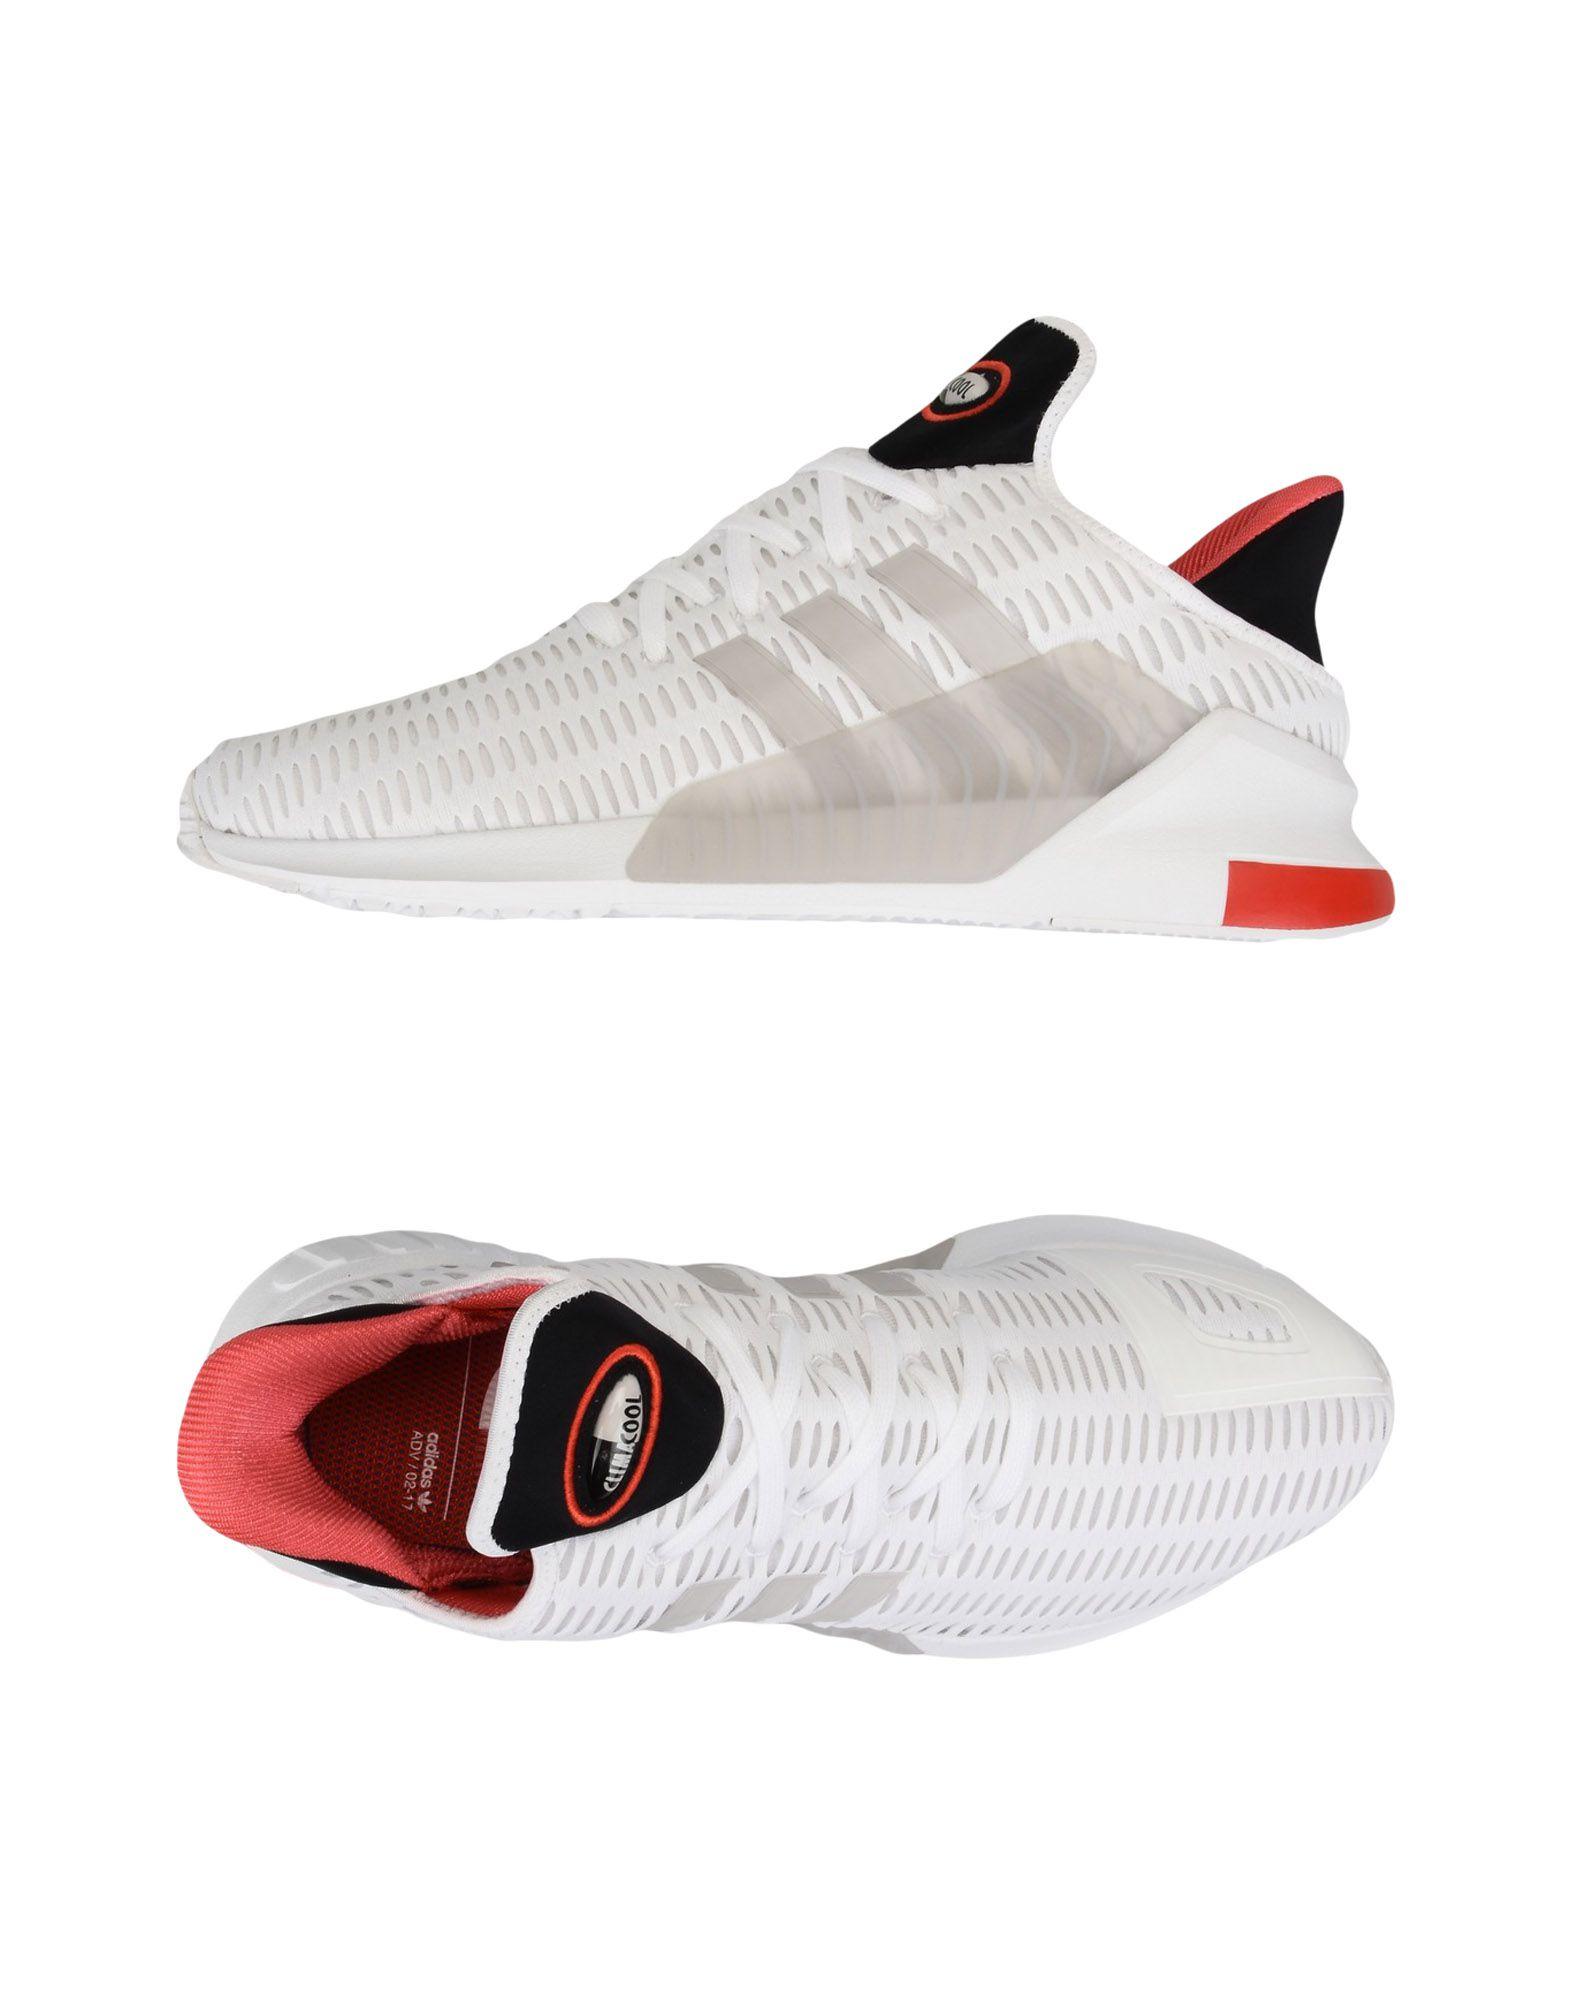 Scarpe da 02/17 Ginnastica Adidas Originals Climacool 02/17 da - Uomo - 11325683LH b9c802